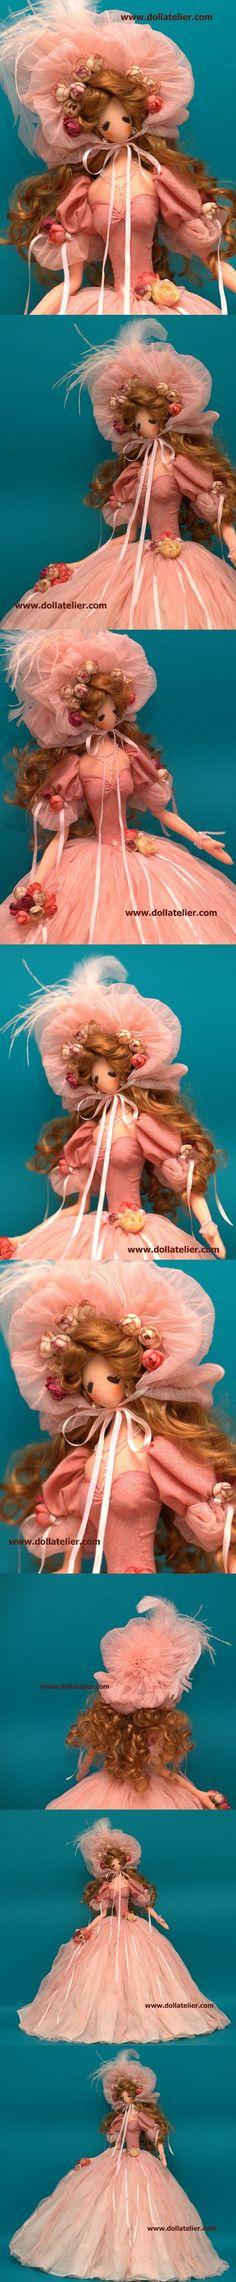 www.dollatelier.com 방문을 환영합니다